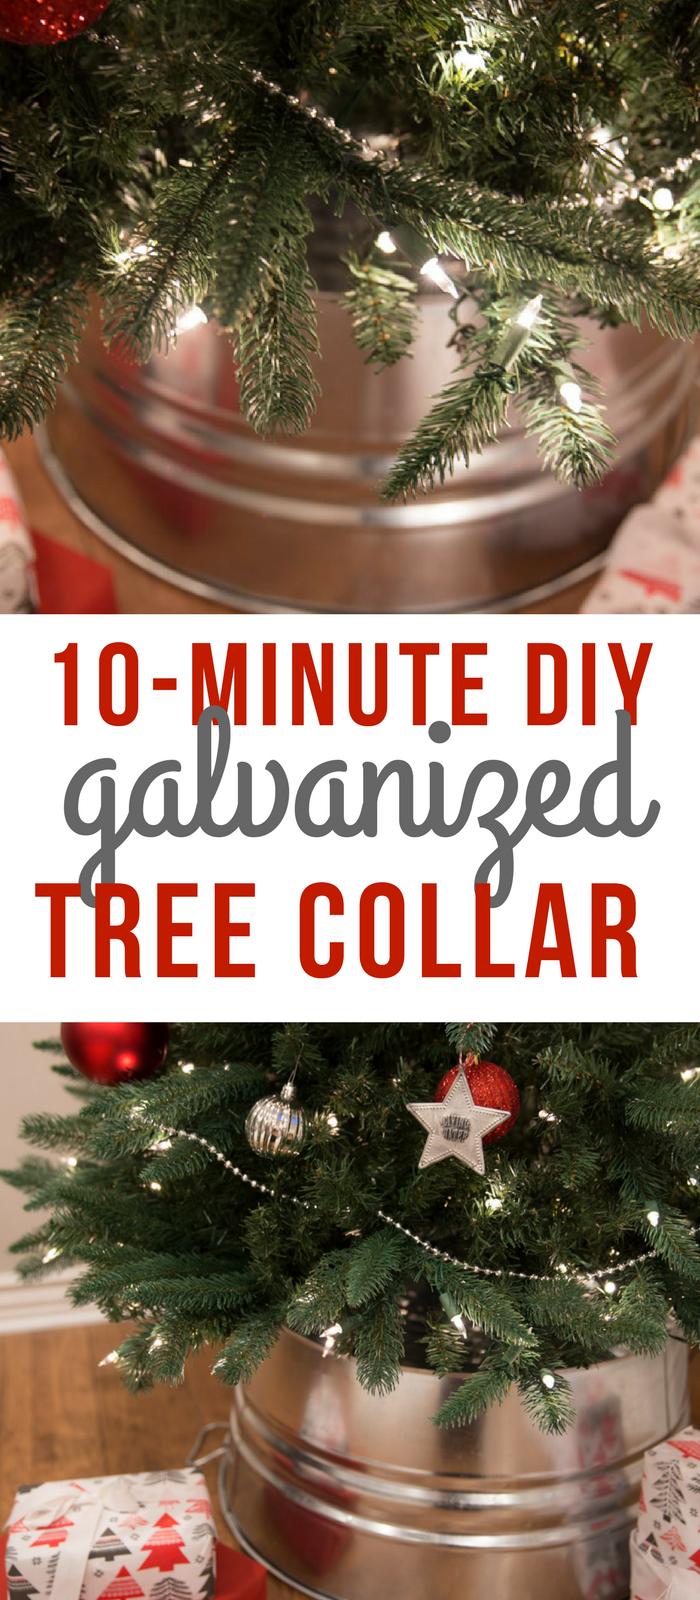 10 Minute DIY Galvanized Christmas Tree Collar Tutorial